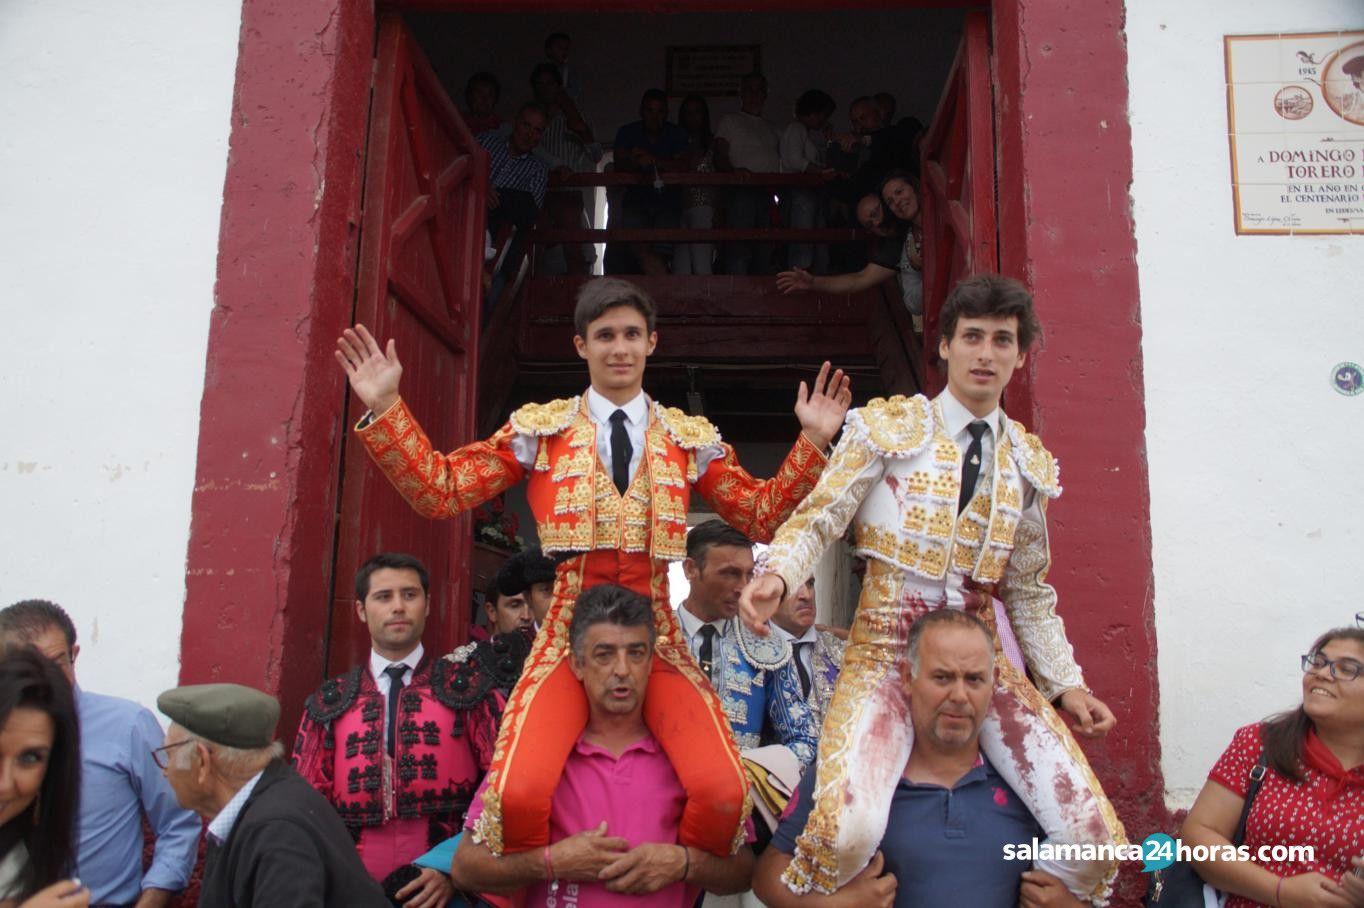 Novillada de Antonio Grande y Manuel Diosleguarde en Ledesma a hombros